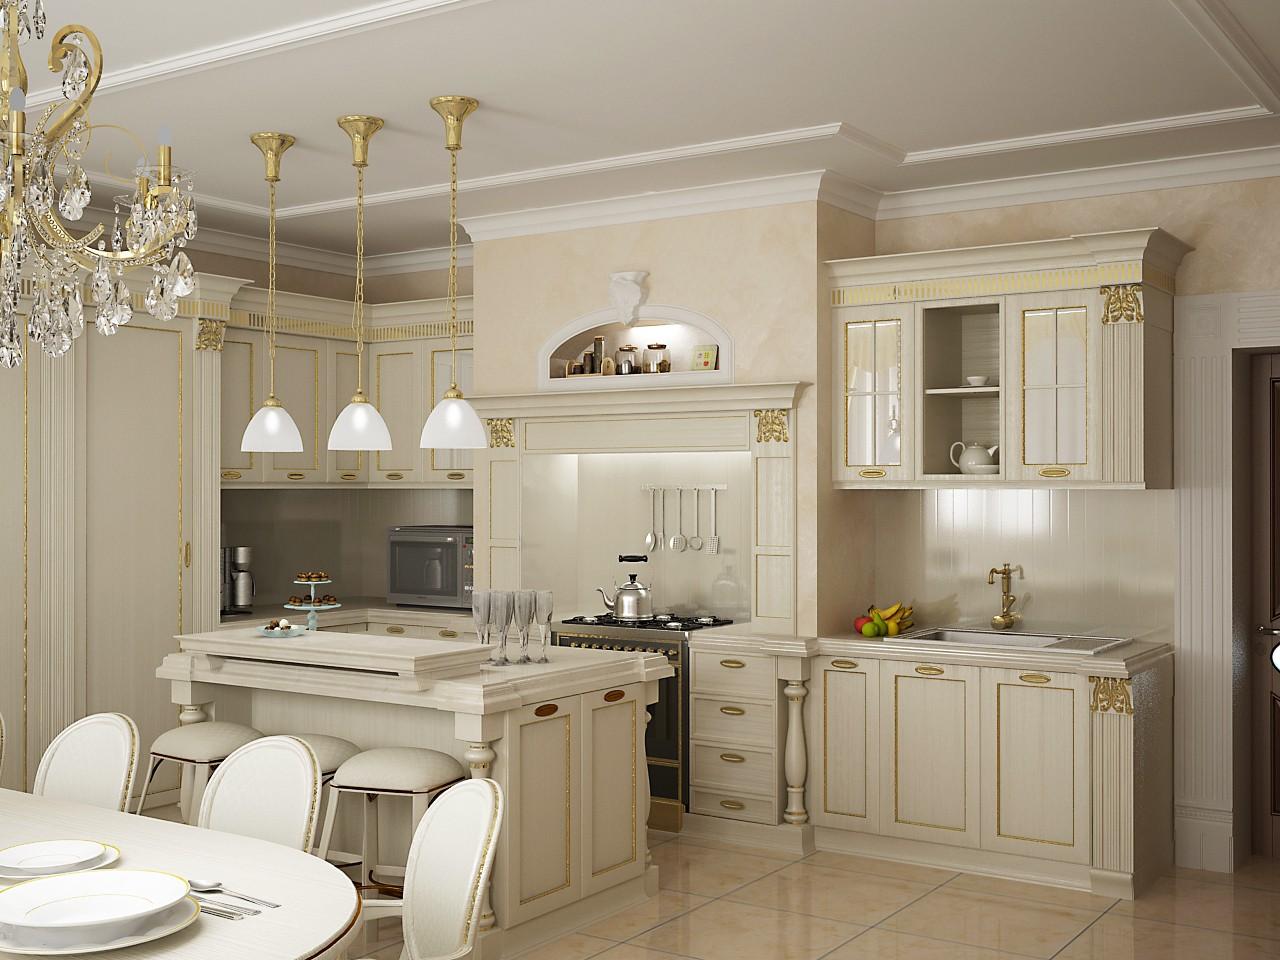 Кухни в стиле классика фото